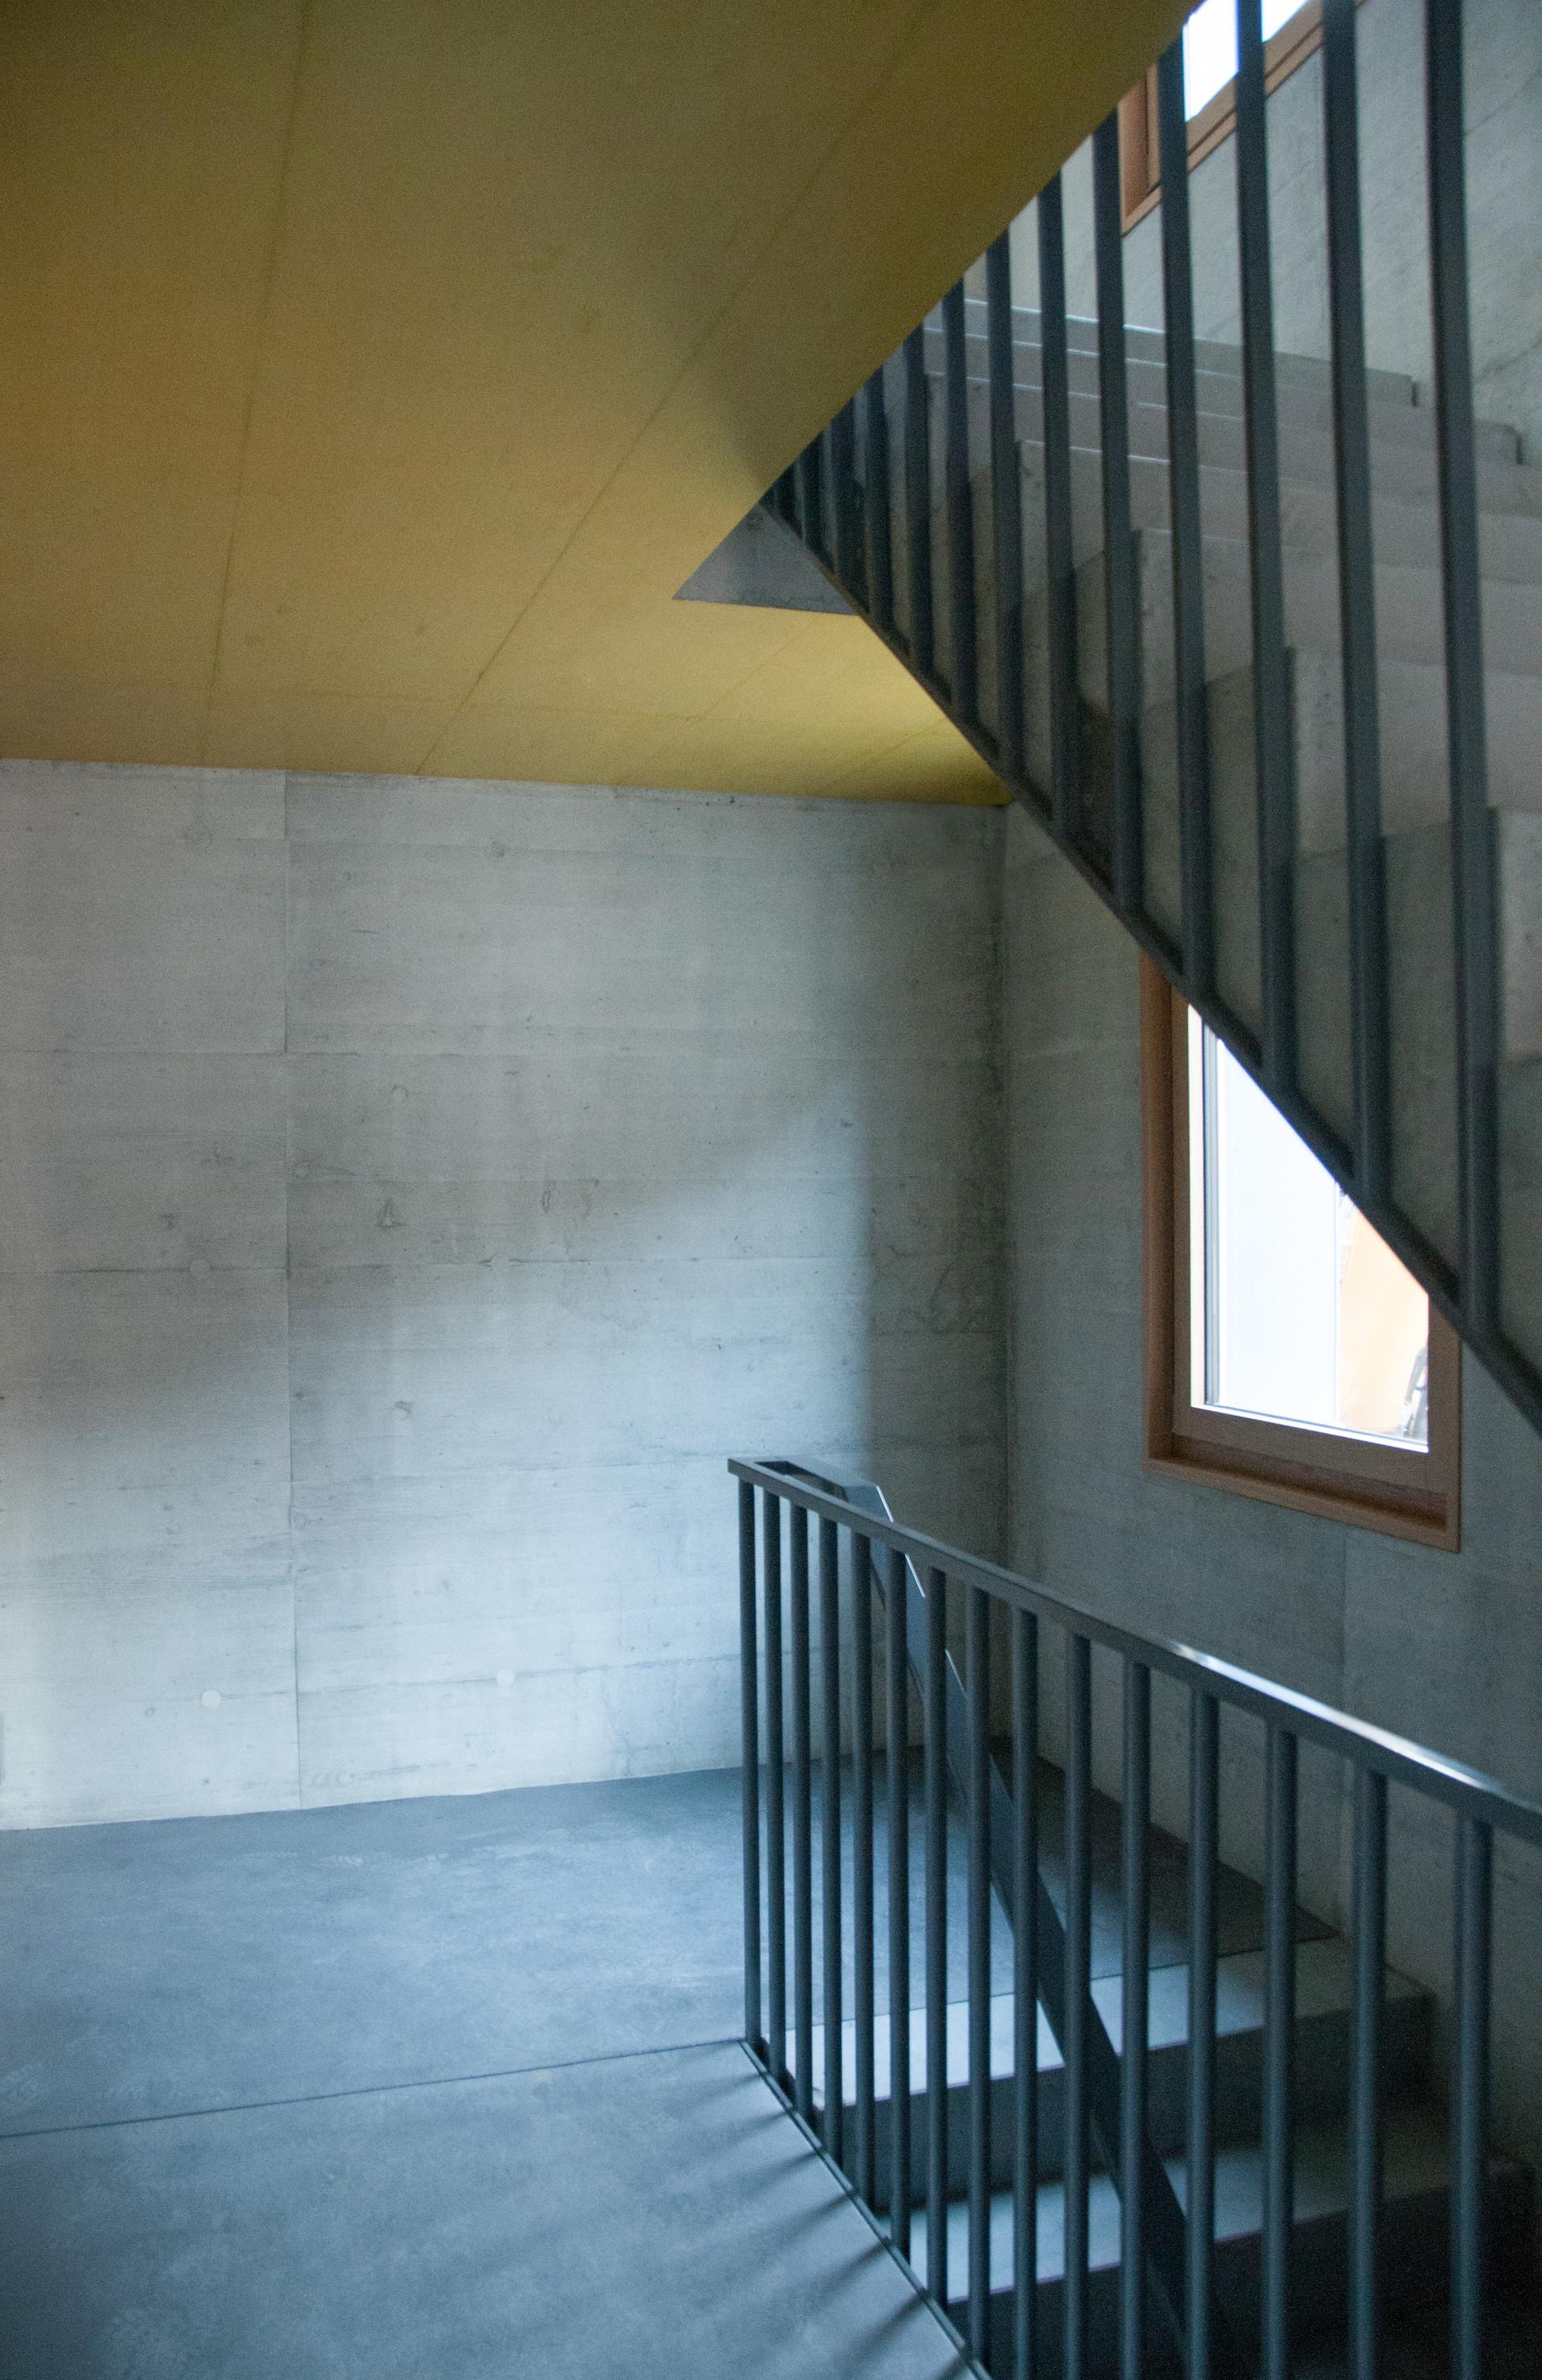 c3g_HBA_Treppenhaus gelbe Decke.jpg